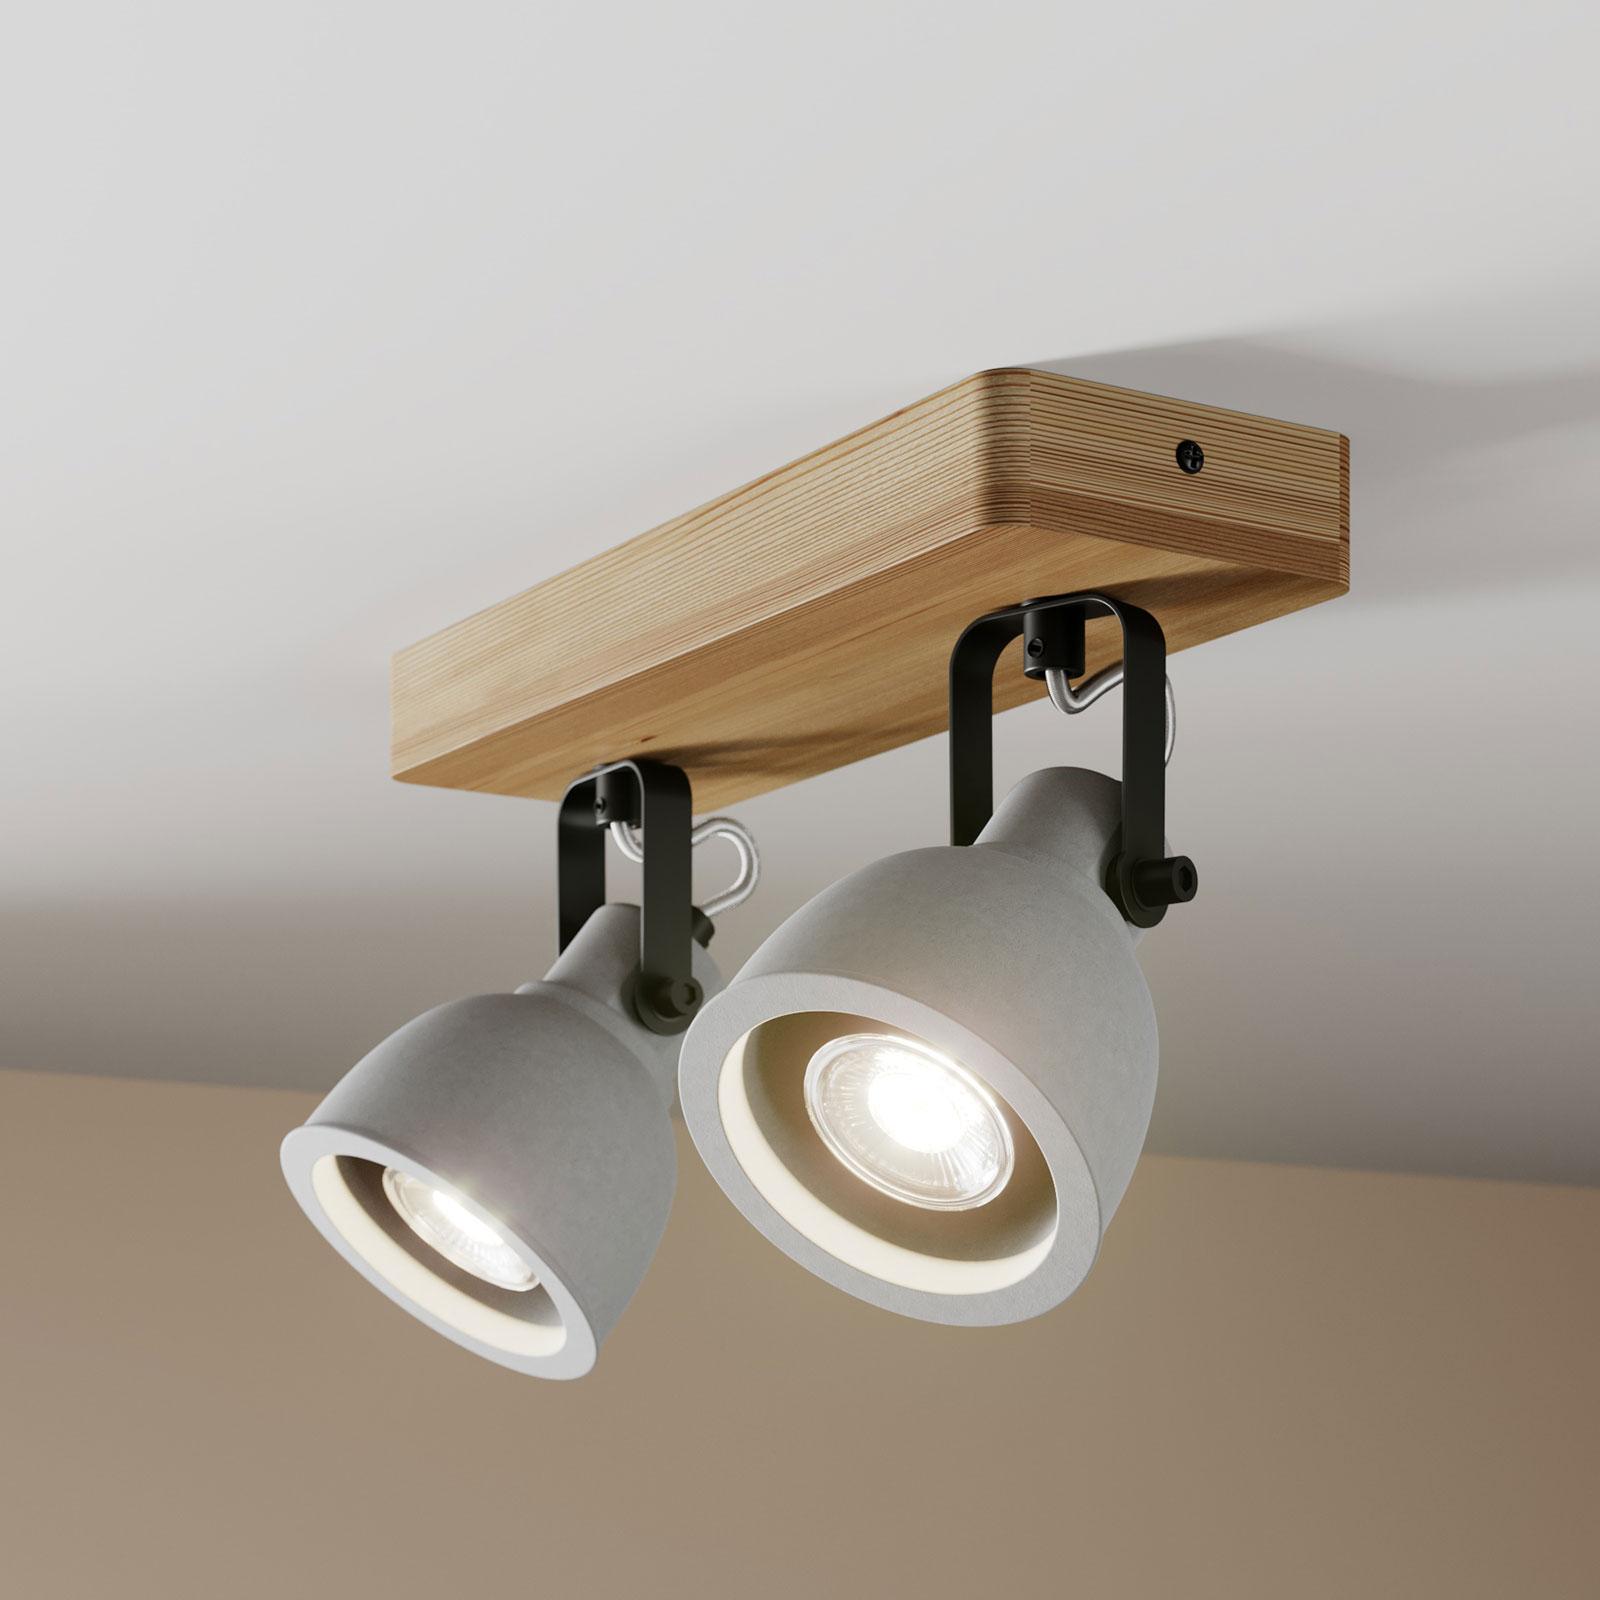 Lindby Mirka LED-Deckenleuchte, Kiefernholz, 2-fl.